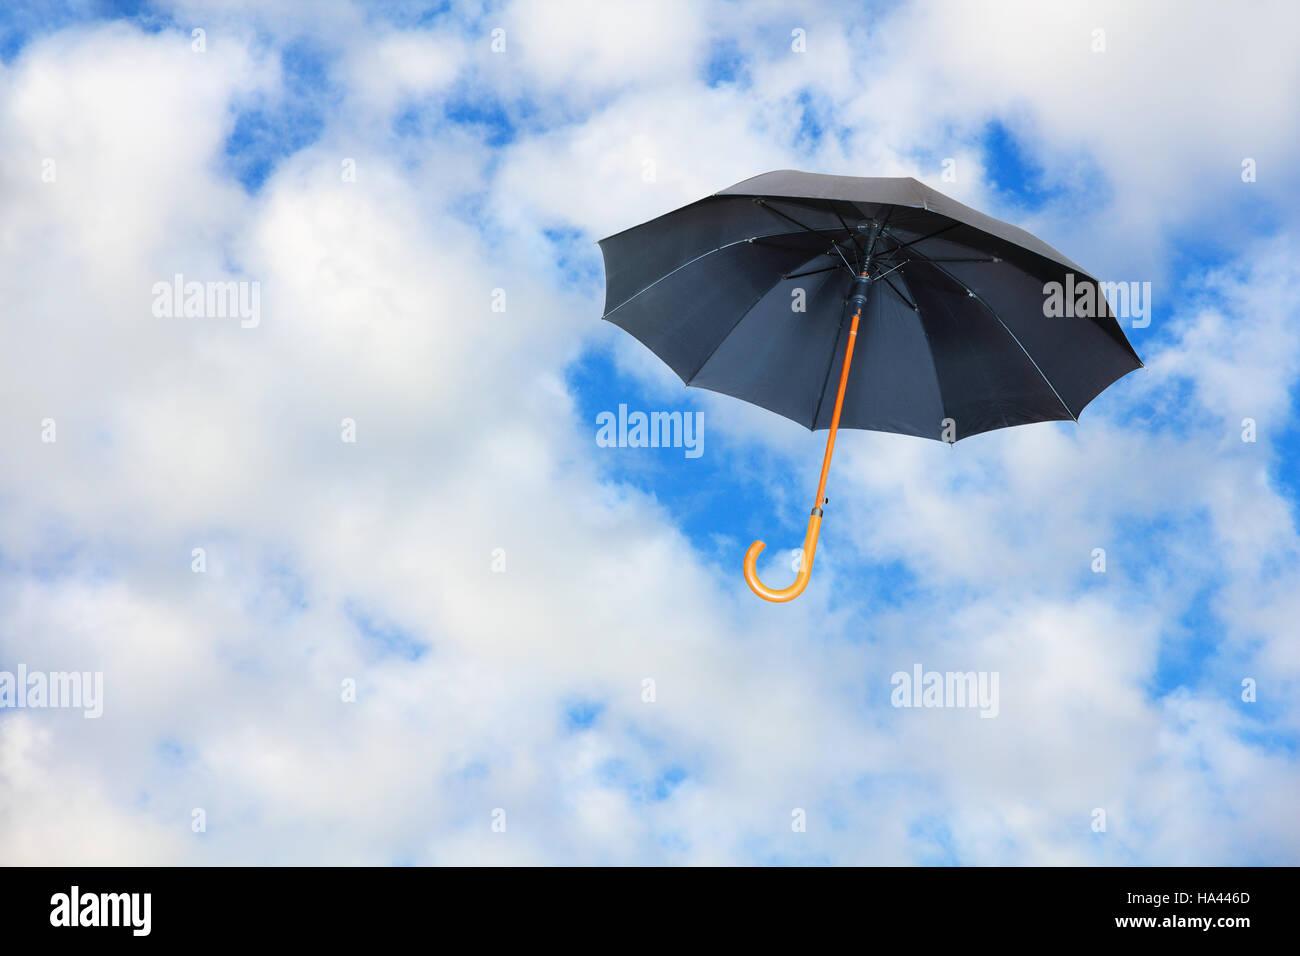 Schwarzer Schirm Fliegt Im Himmel Gegen Rein Weißen Wolken Mary